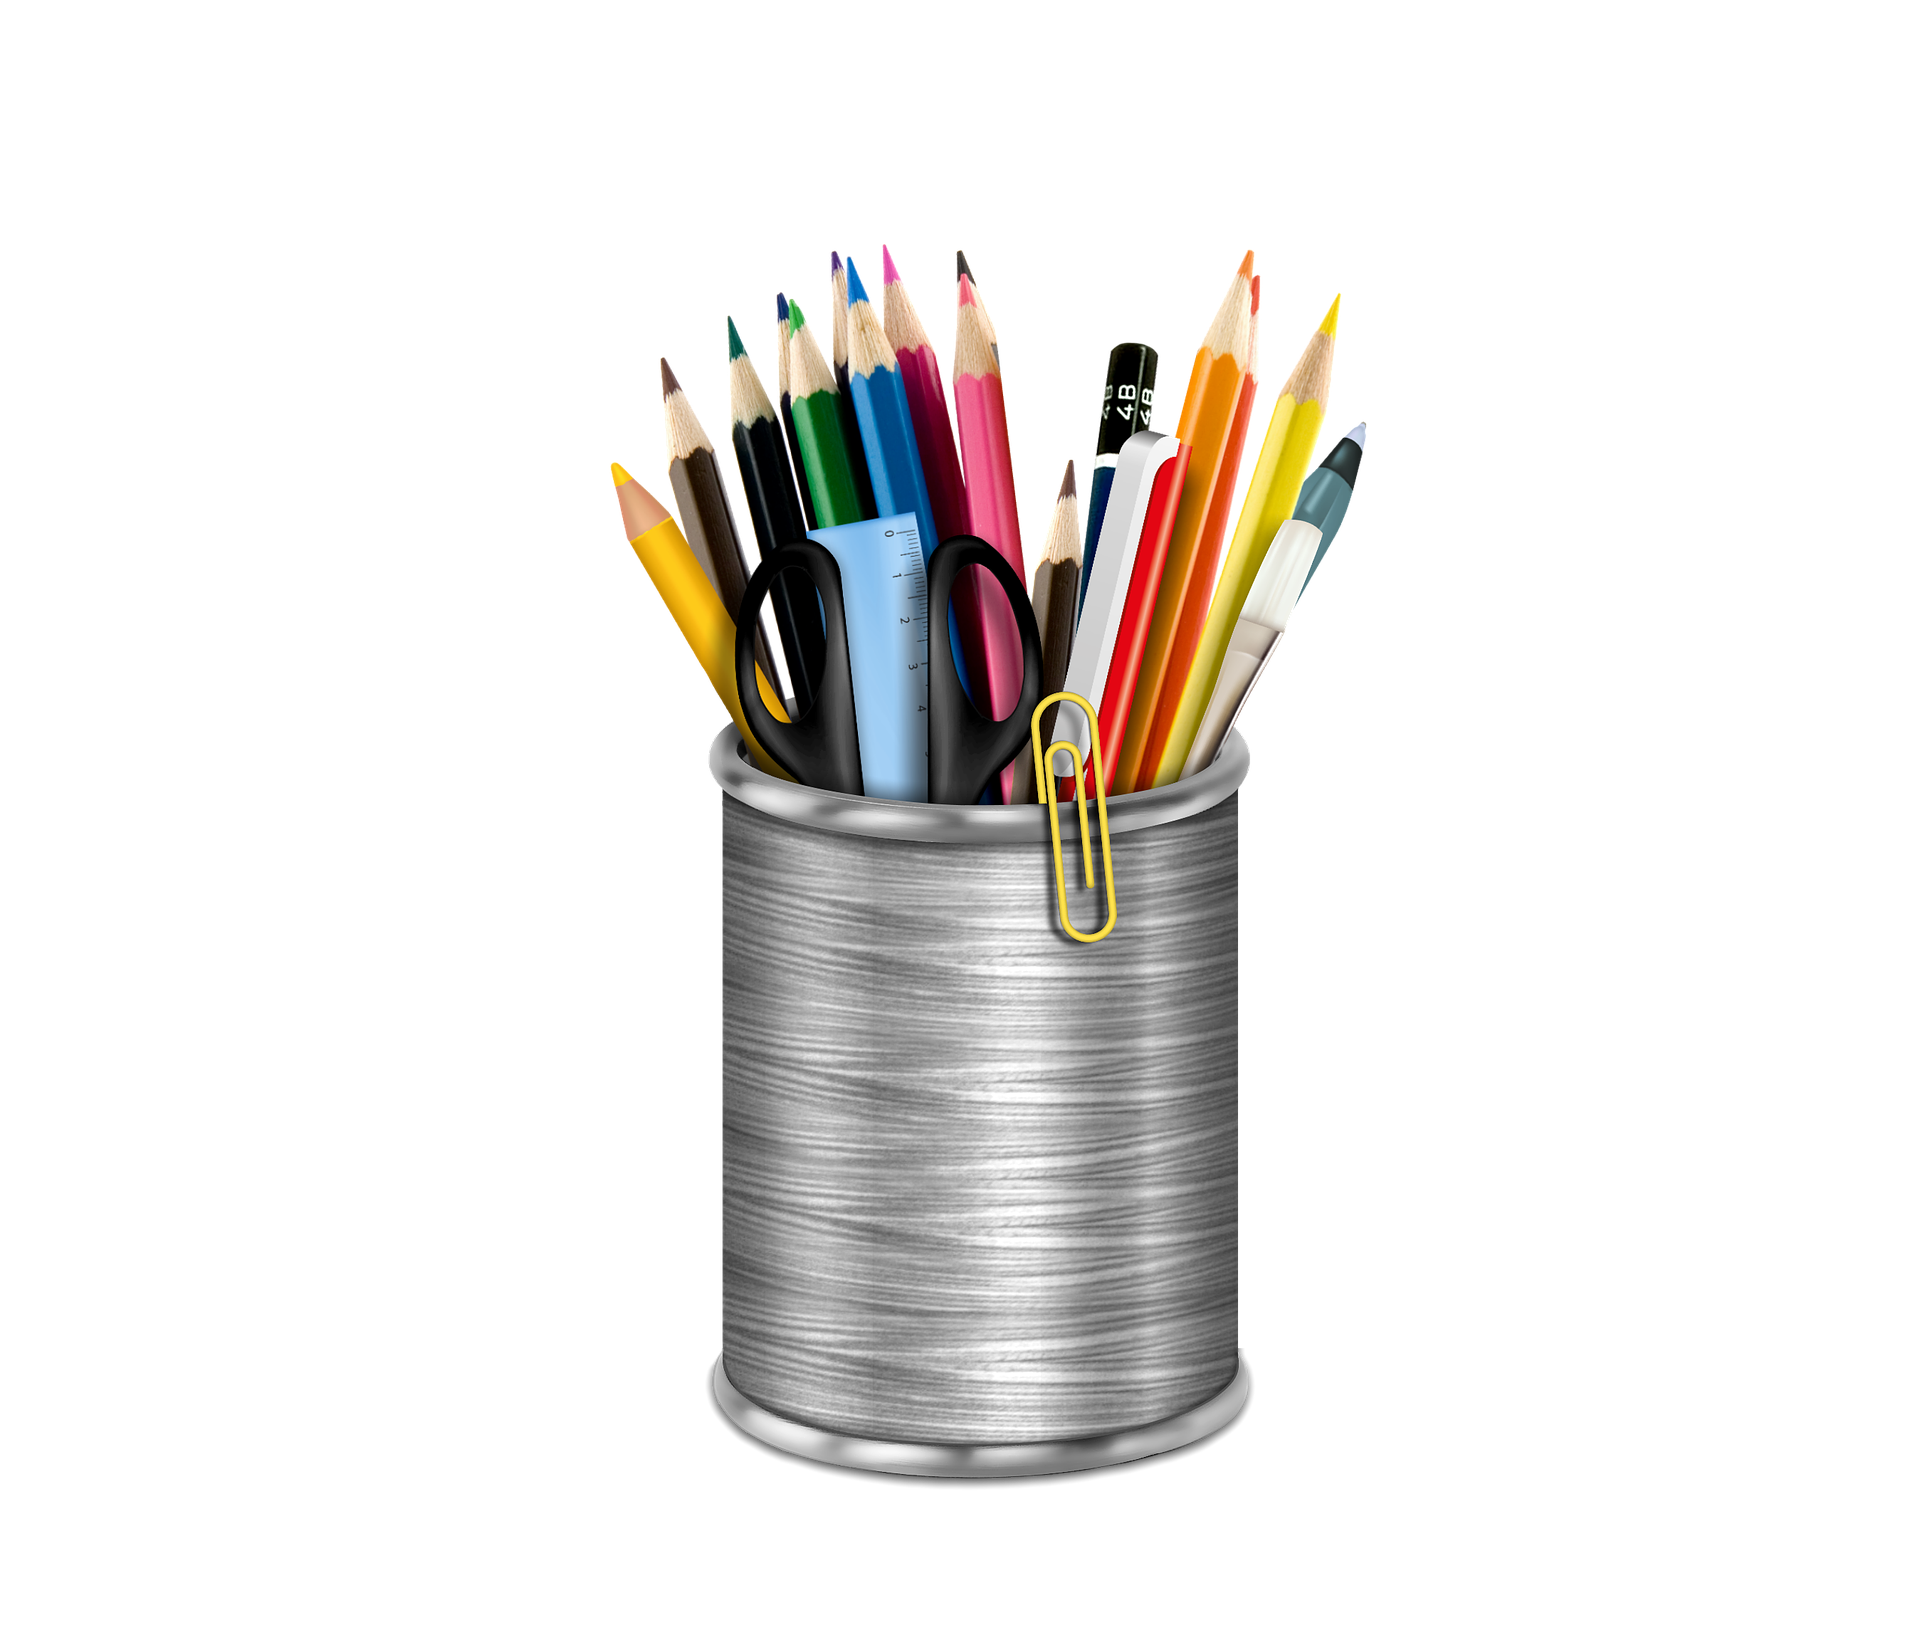 pot avec fournitures (crayons, paire de ciseaux, trombones)